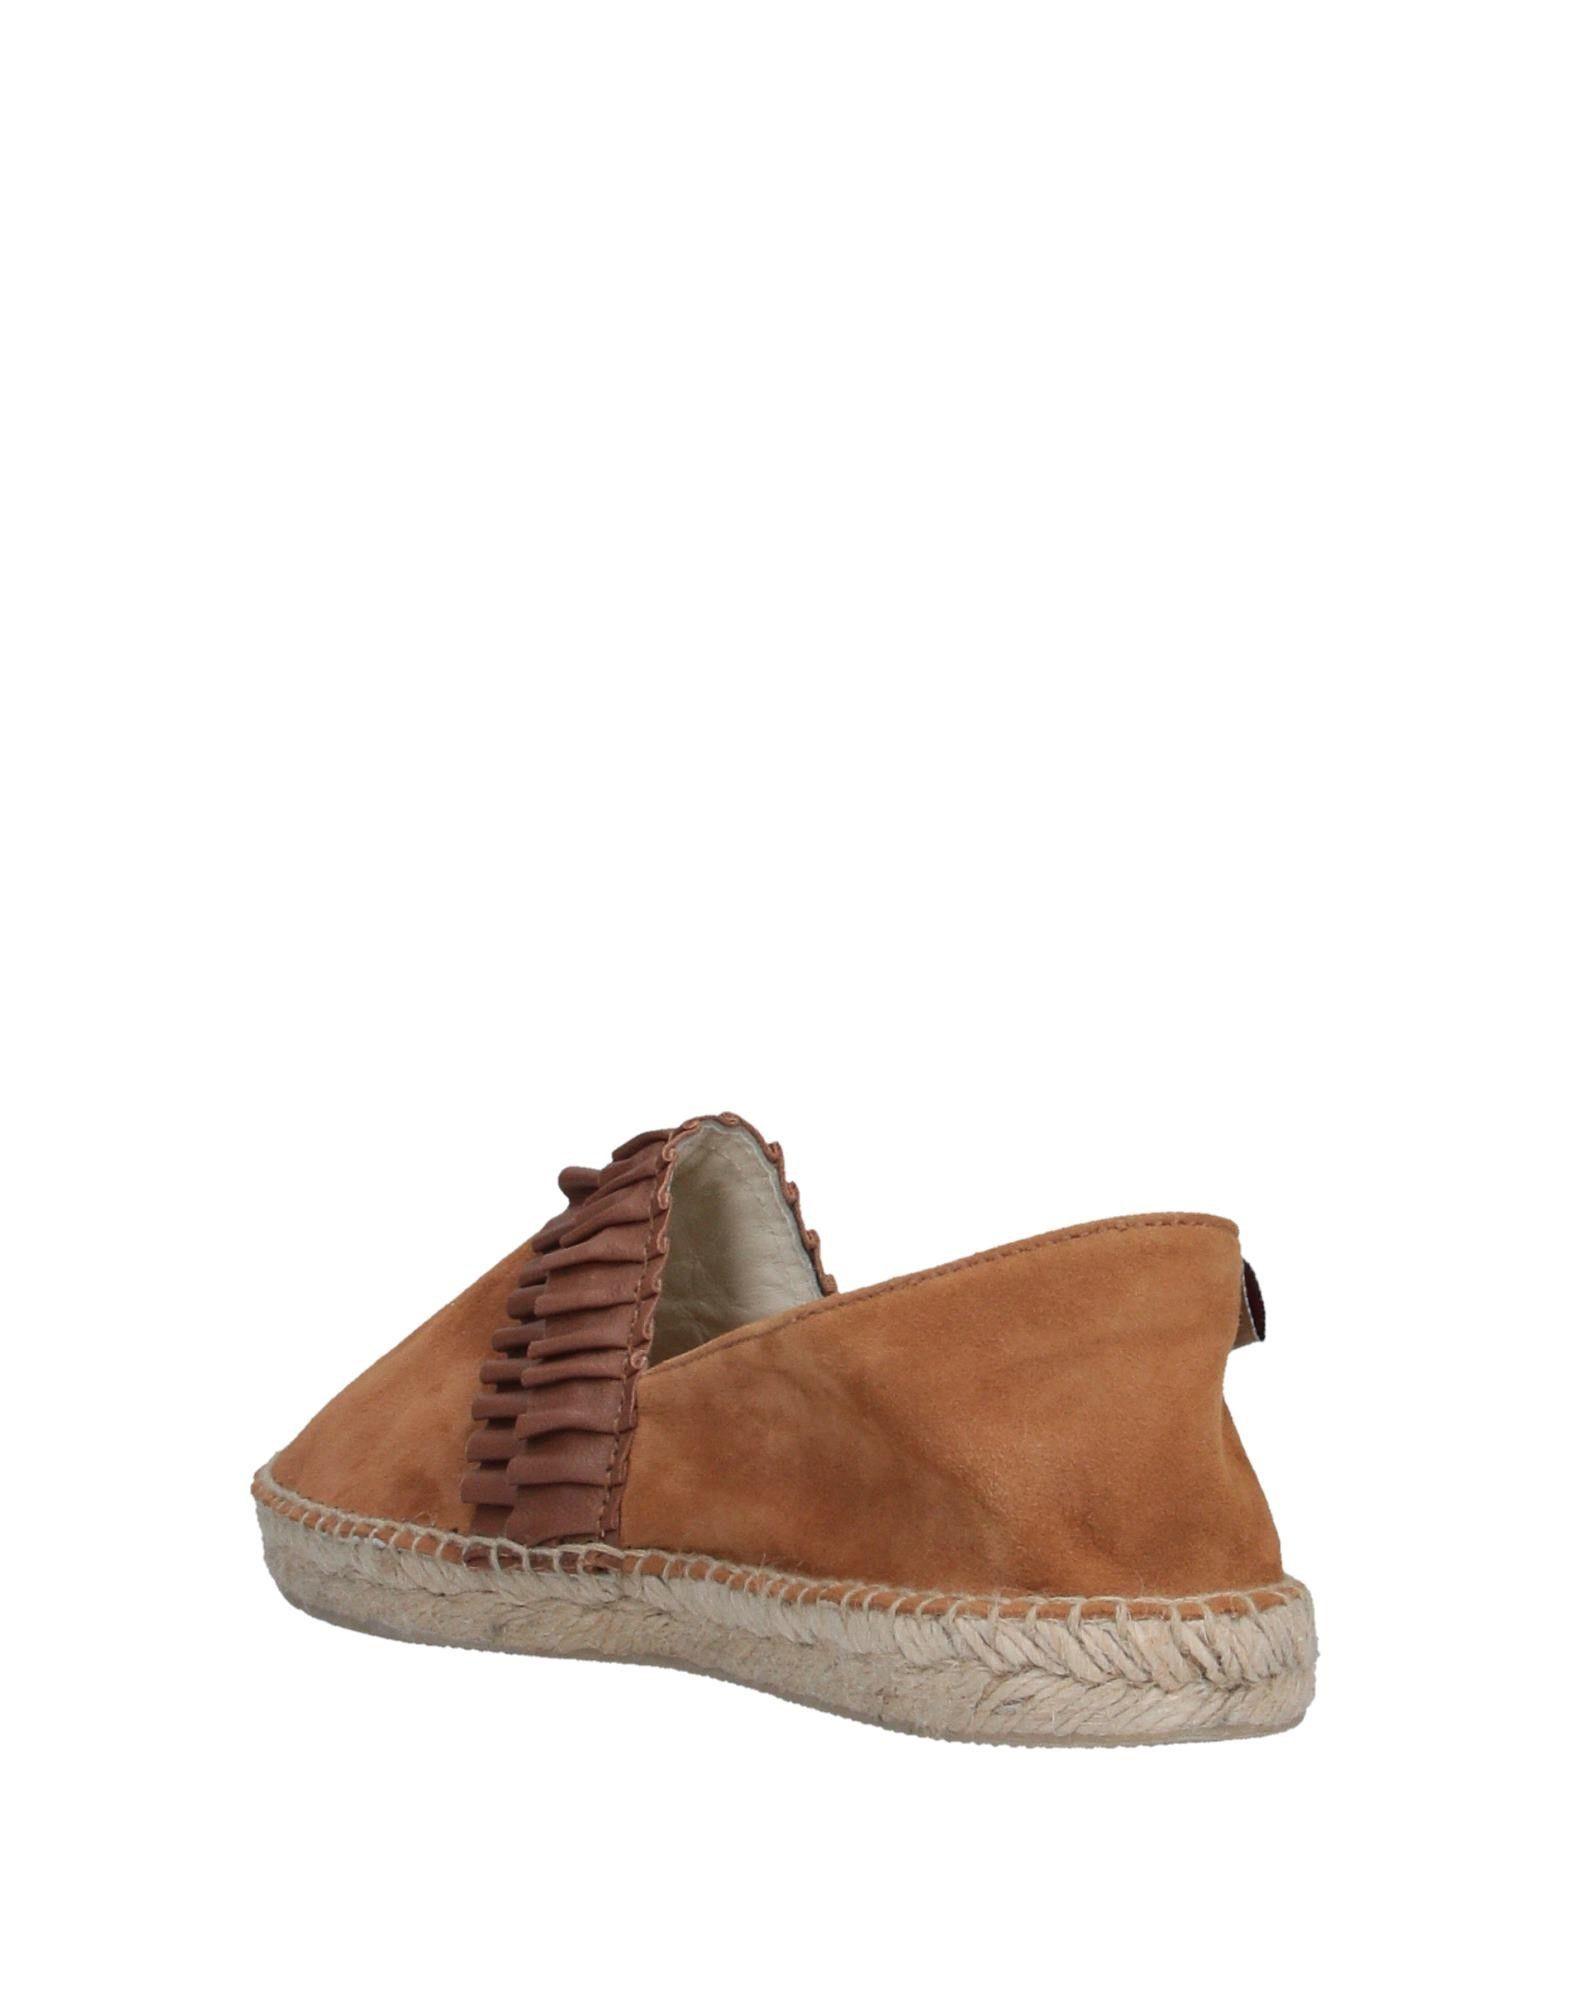 Espadrilles Women's Espadrilles Camel Leather